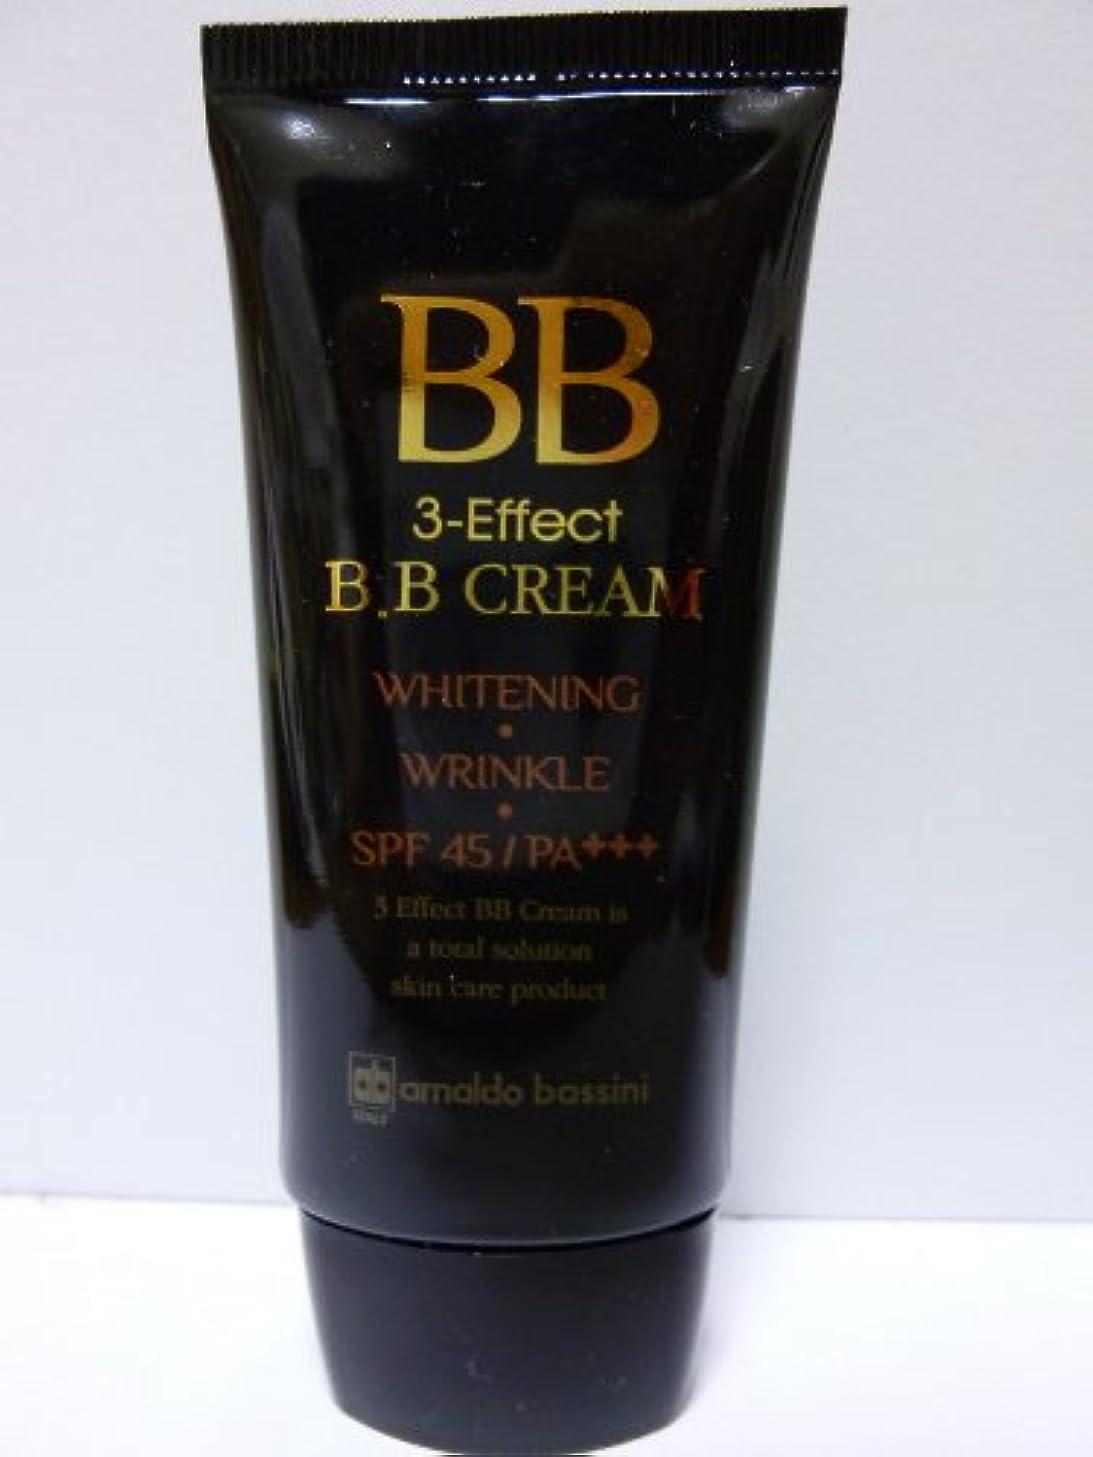 戦艦注入する汚染されたBB 3-Effect B.B CREAM